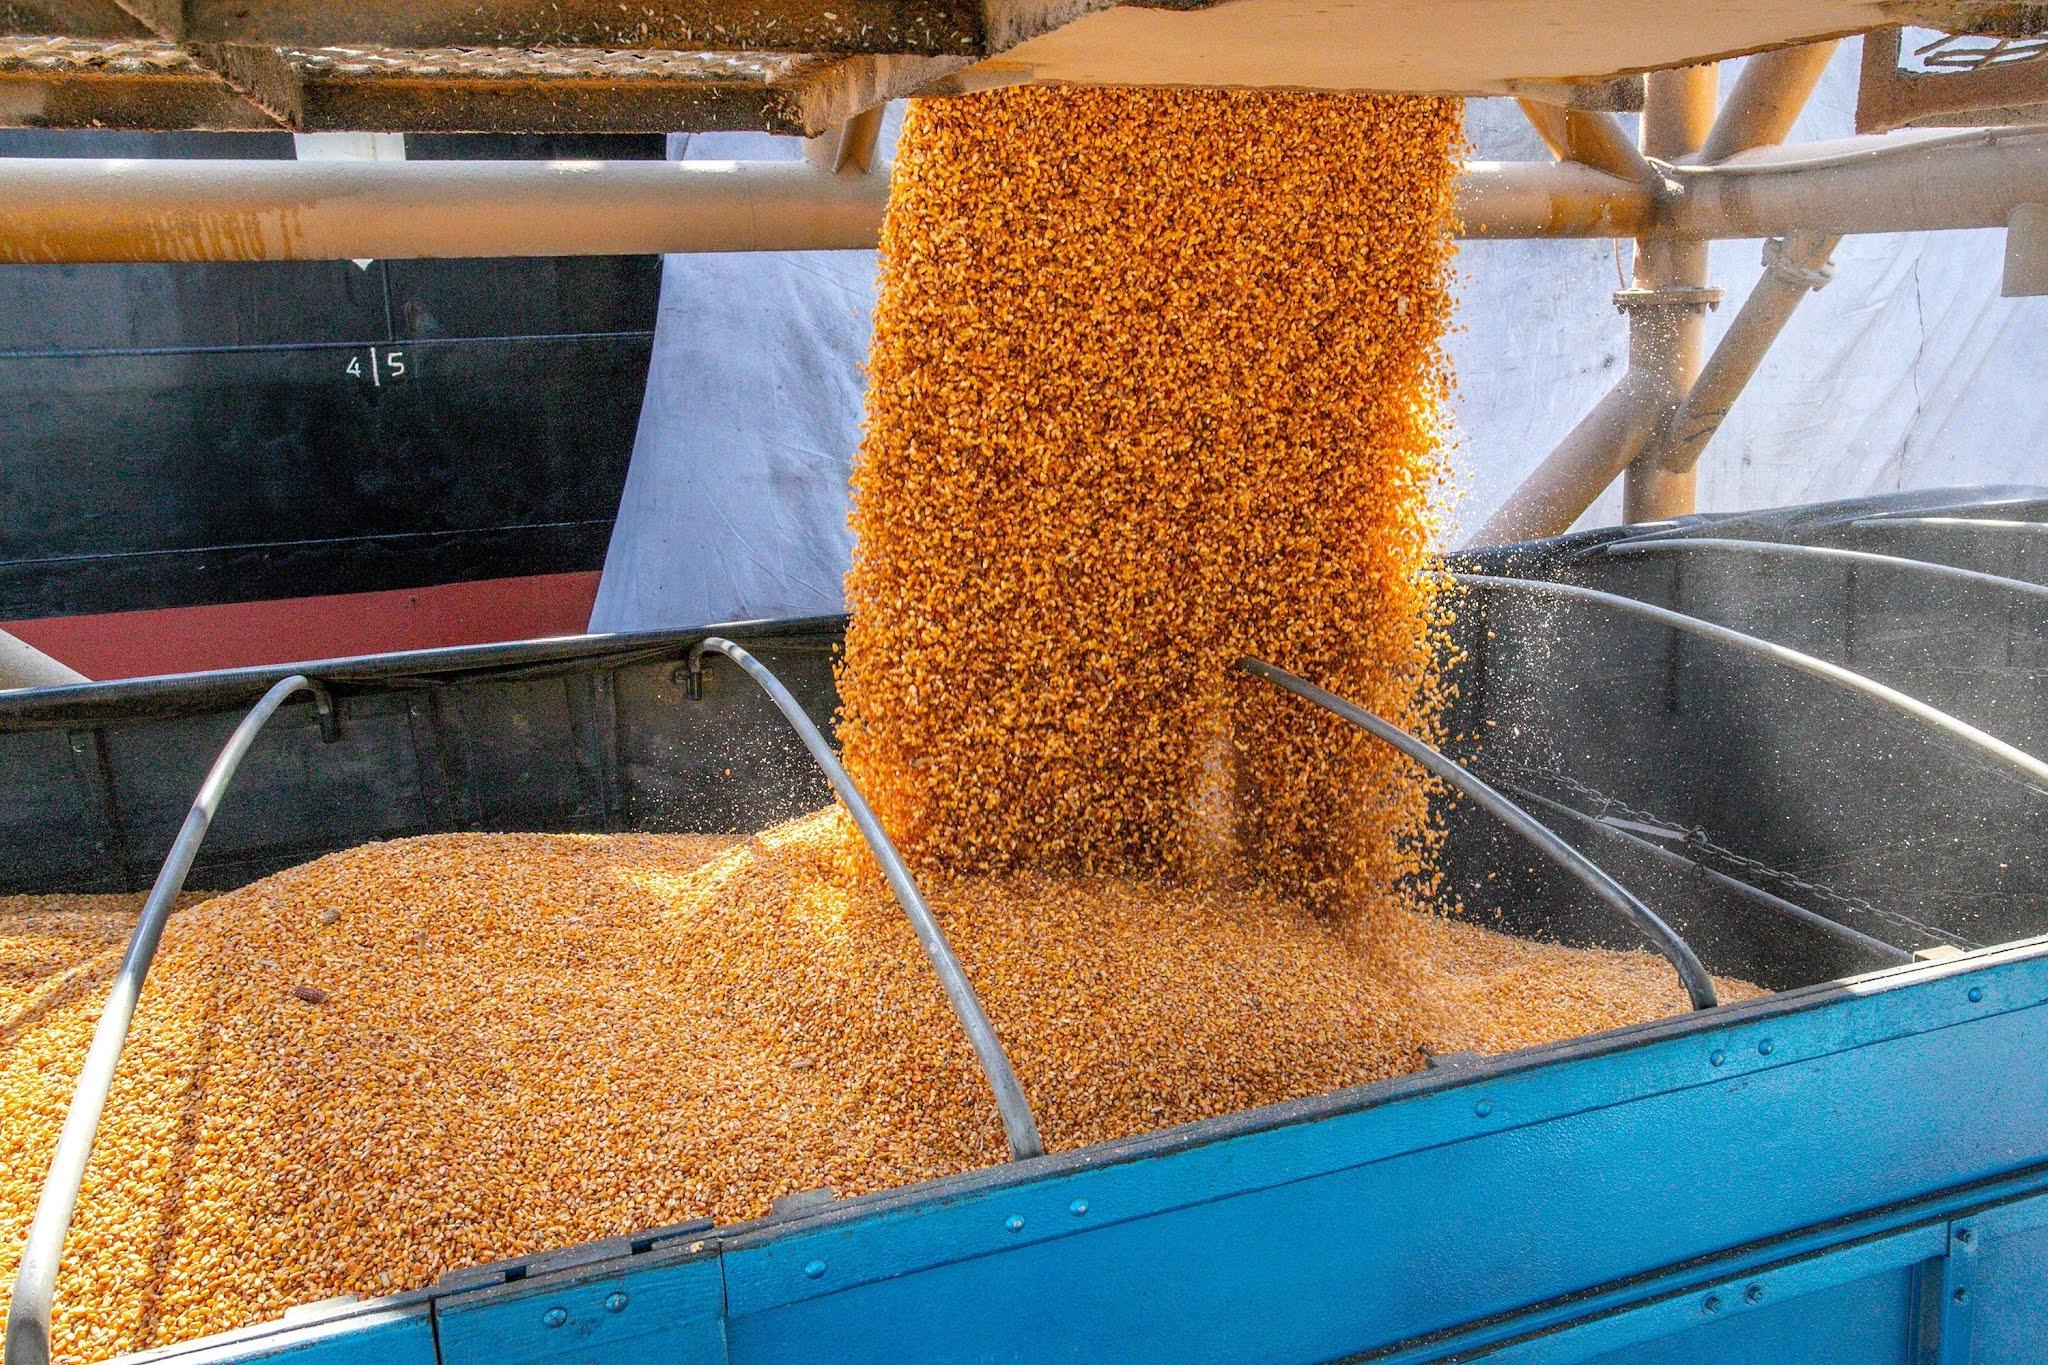 Fortesolo opera descarga de milho no porto de Paranaguá